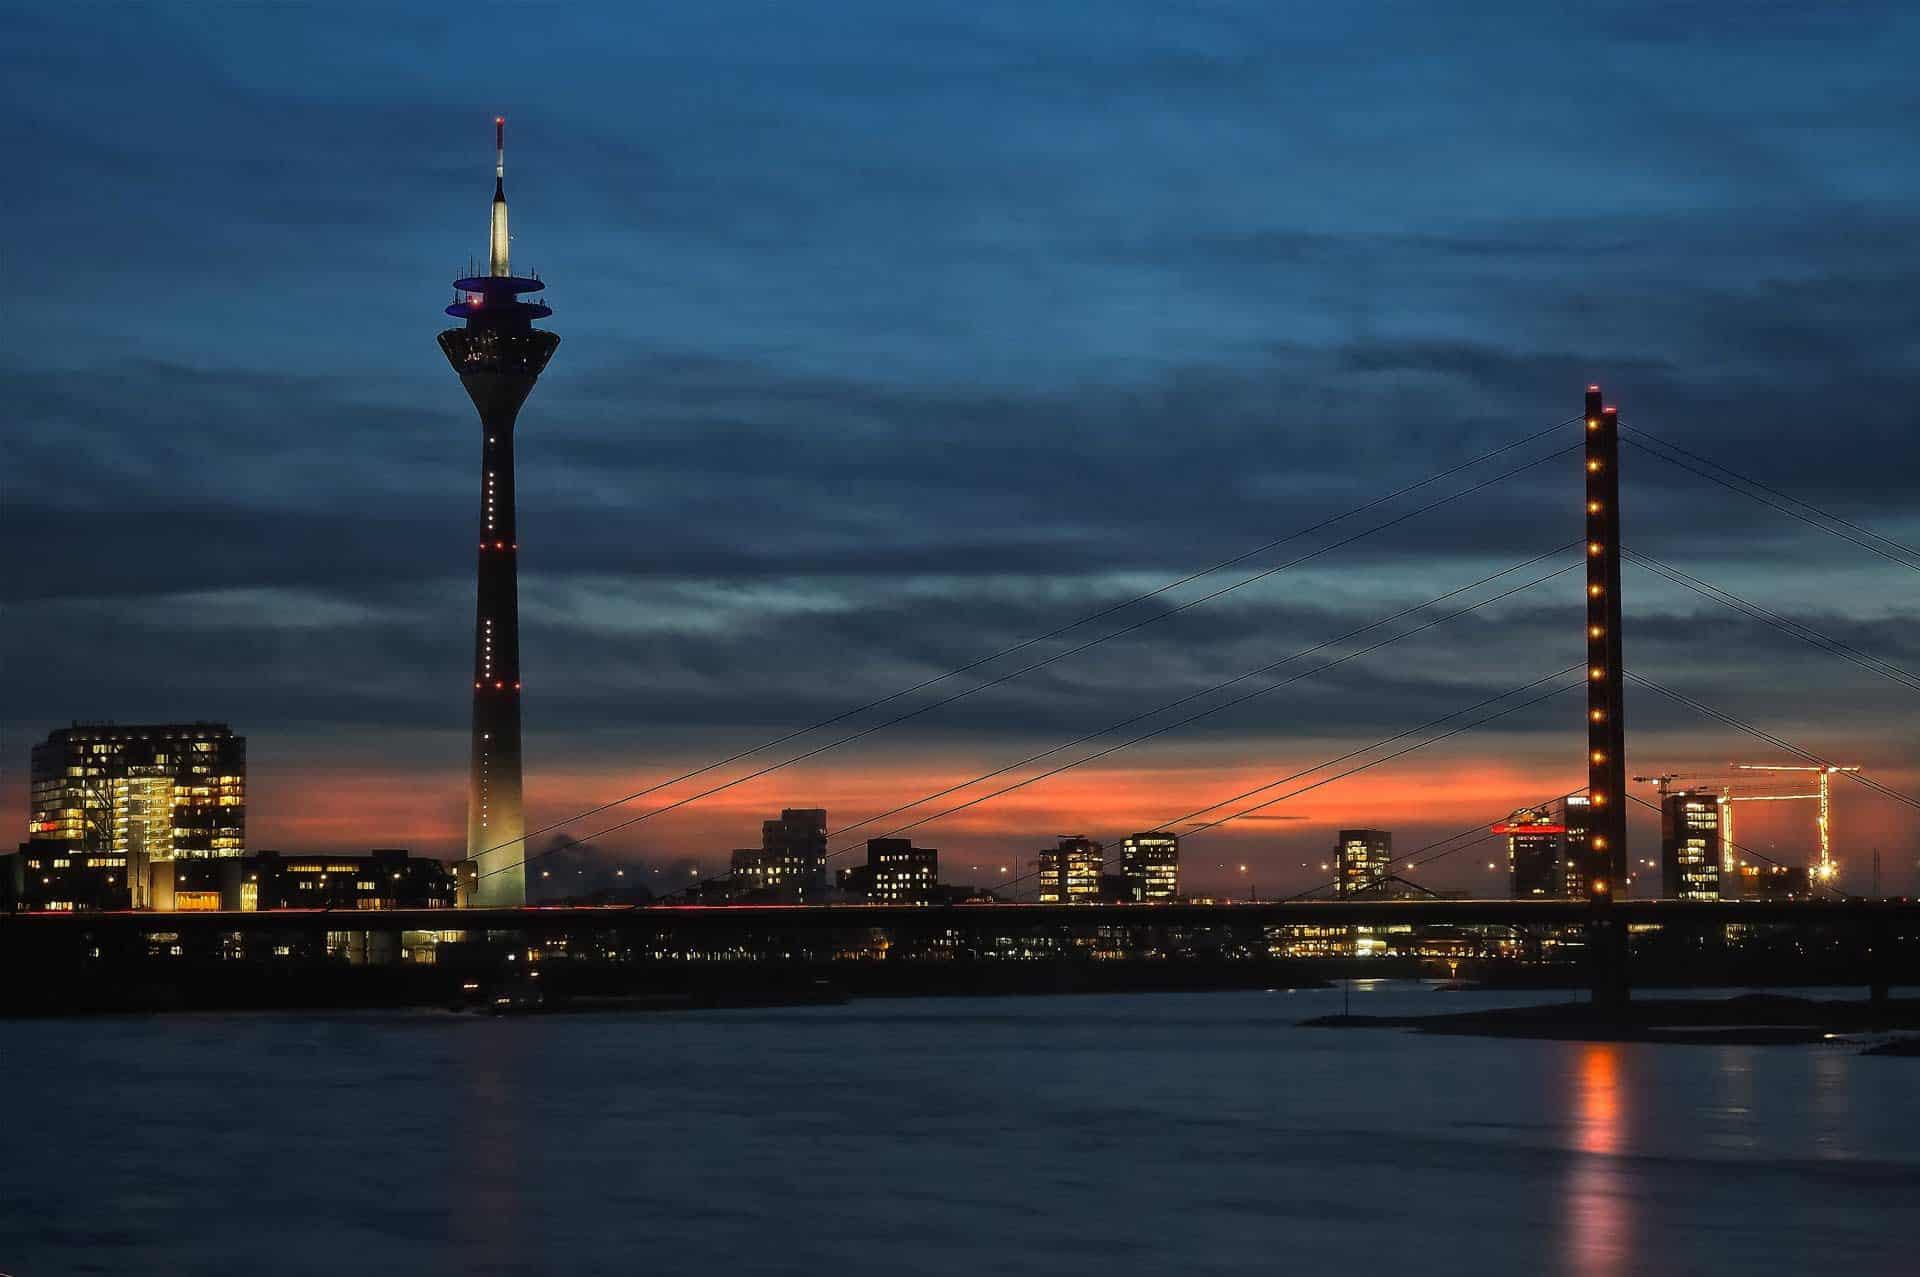 Düsseldorf Rheinbrücke bei Nacht